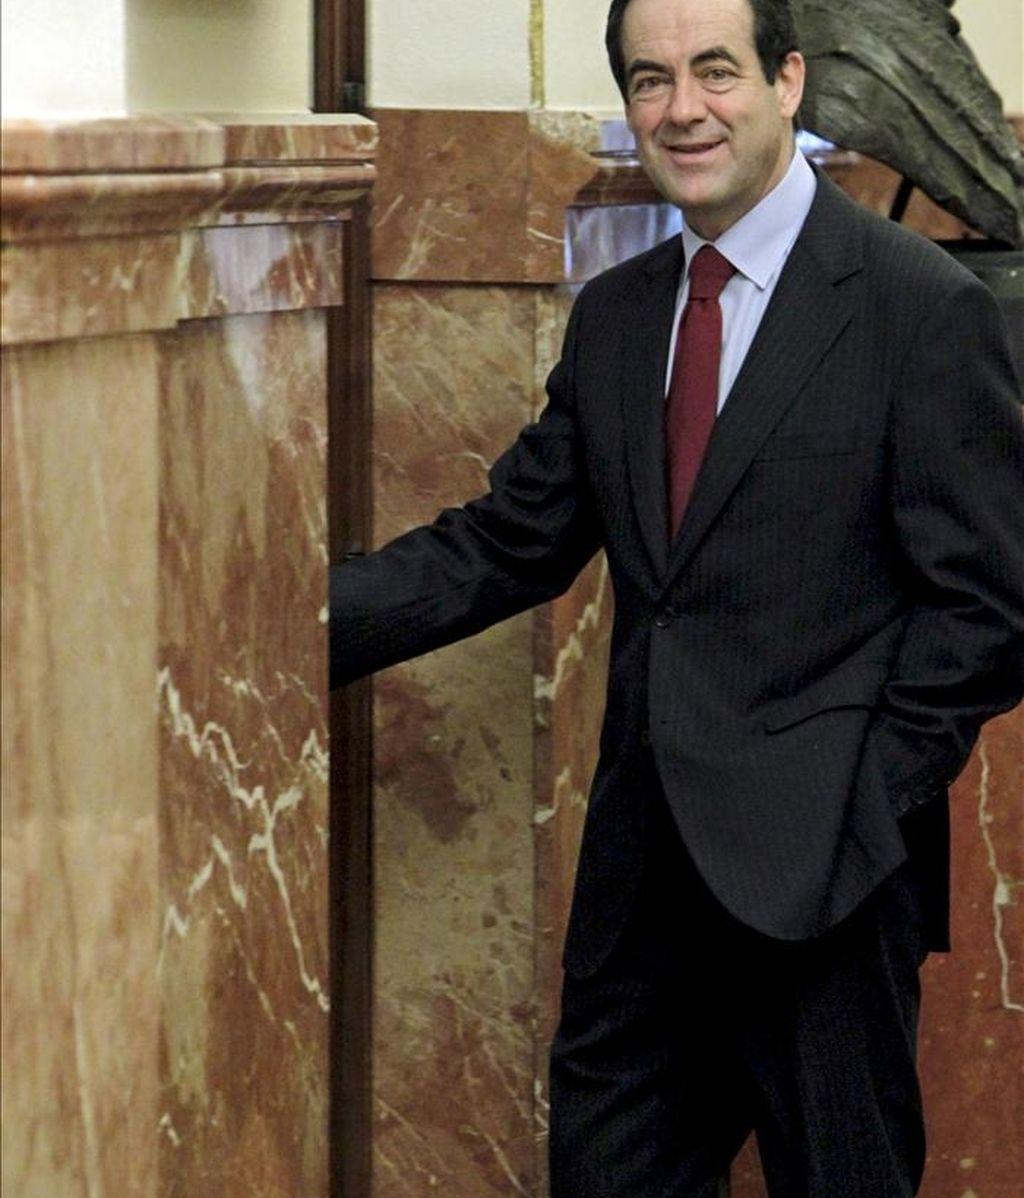 El presidente del Congreso, José Bono. EFE/Archivo